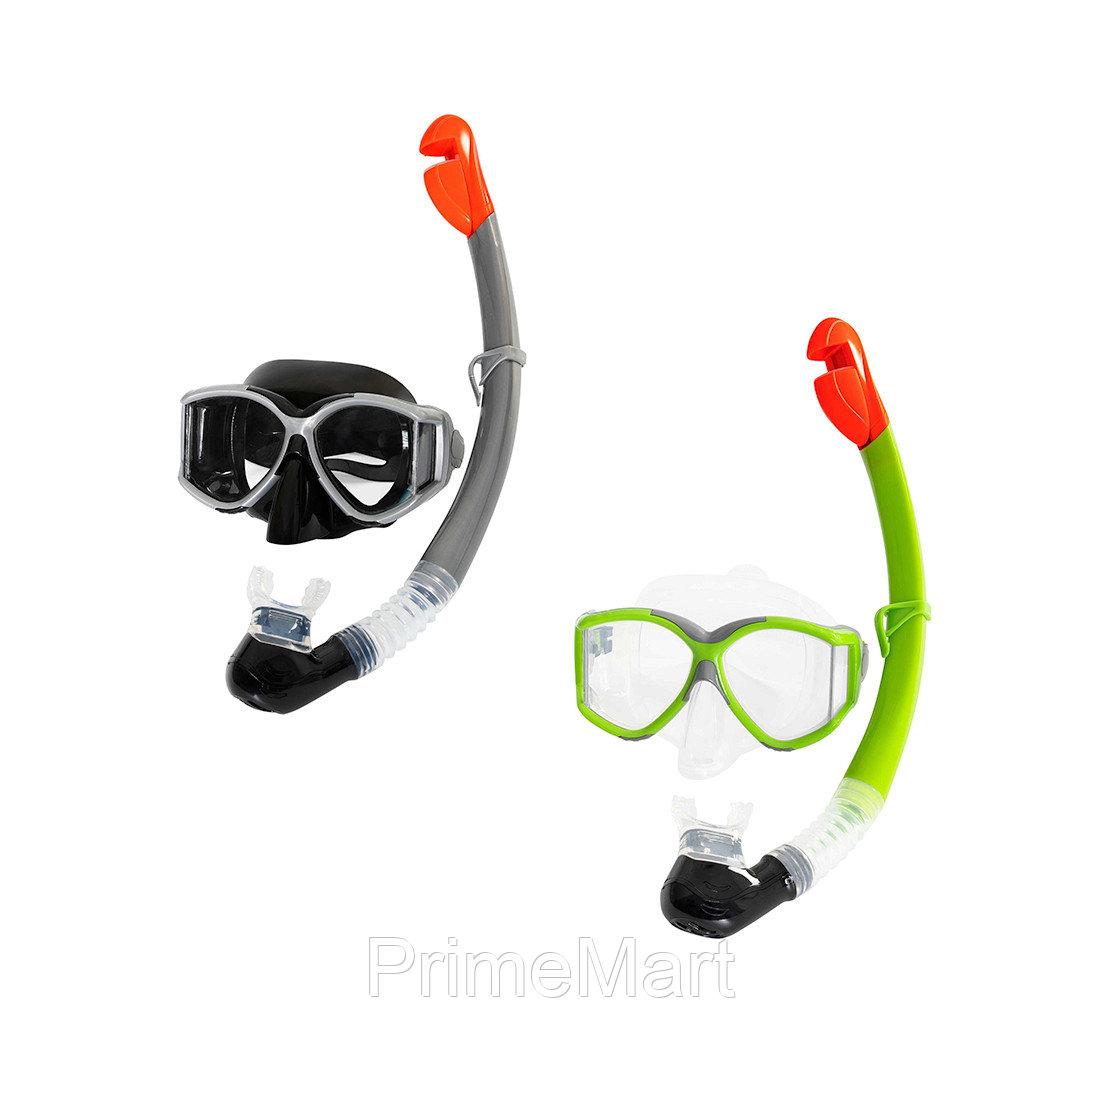 Набор для плавания Trilogy 14+, BESTWAY, 24050, В наборе: маска и трубка(шноркель), Чёрный/Зелёный в ассортименте, Блистер